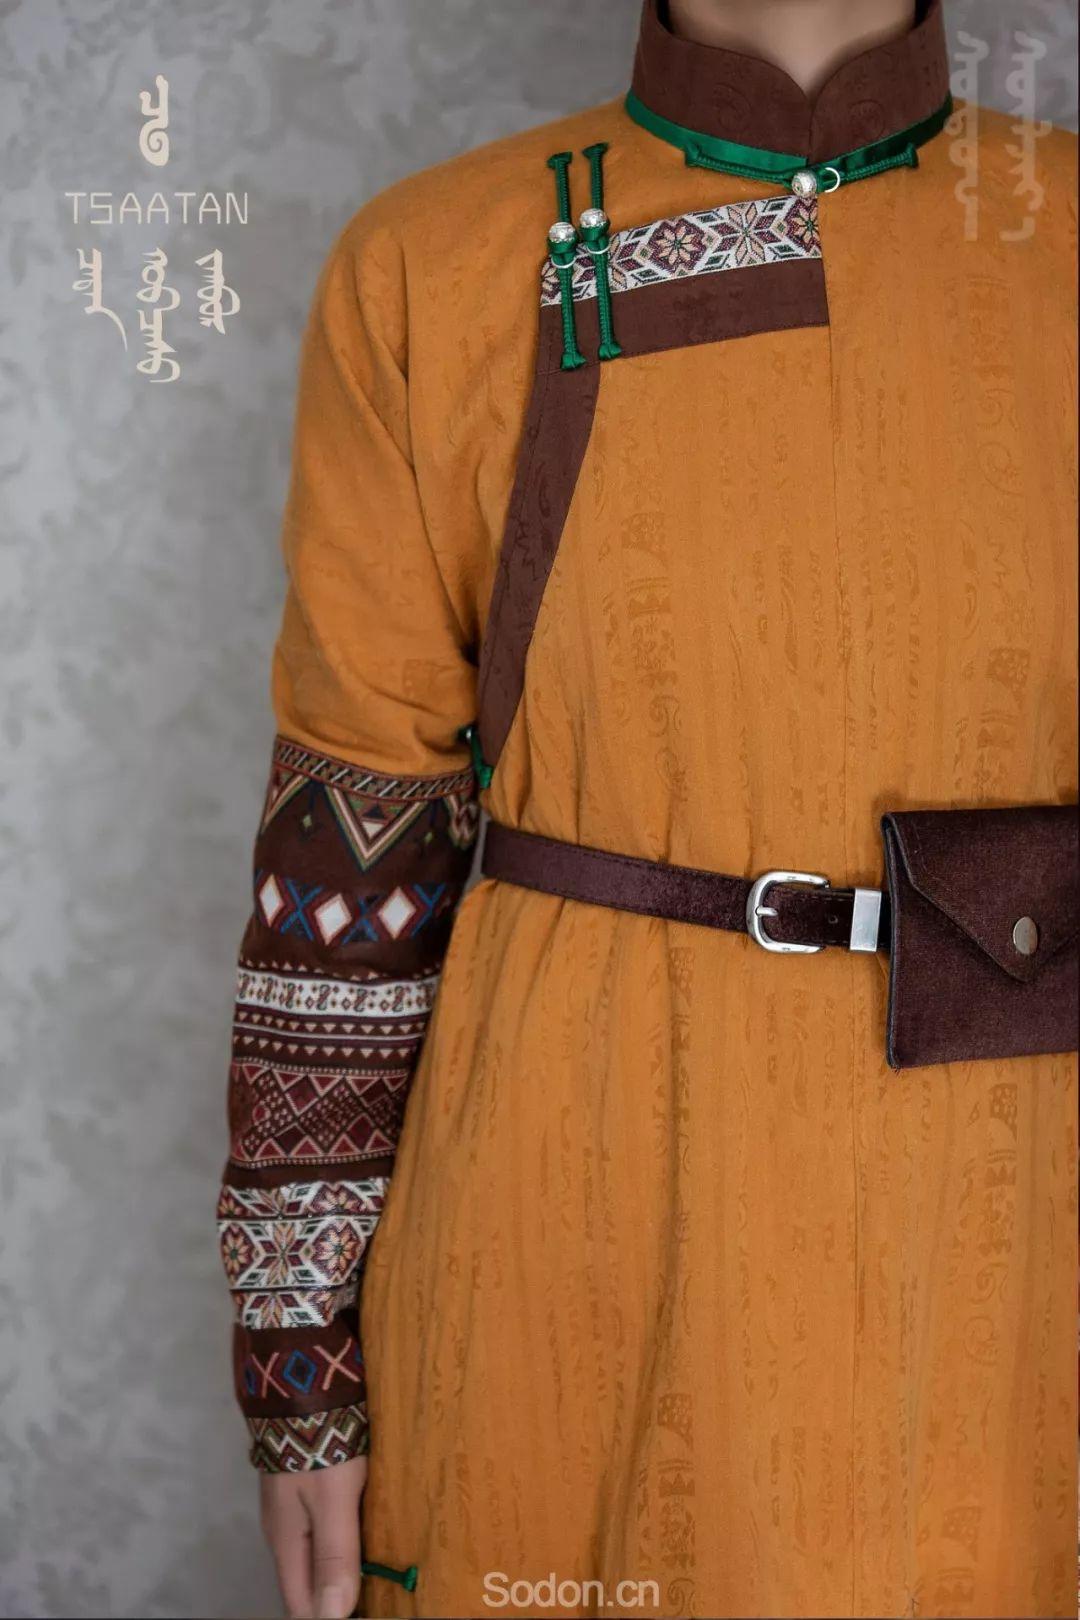 TSAATAN蒙古时装秋冬系列,来自驯鹿人的独特魅力! 第57张 TSAATAN蒙古时装秋冬系列,来自驯鹿人的独特魅力! 蒙古服饰